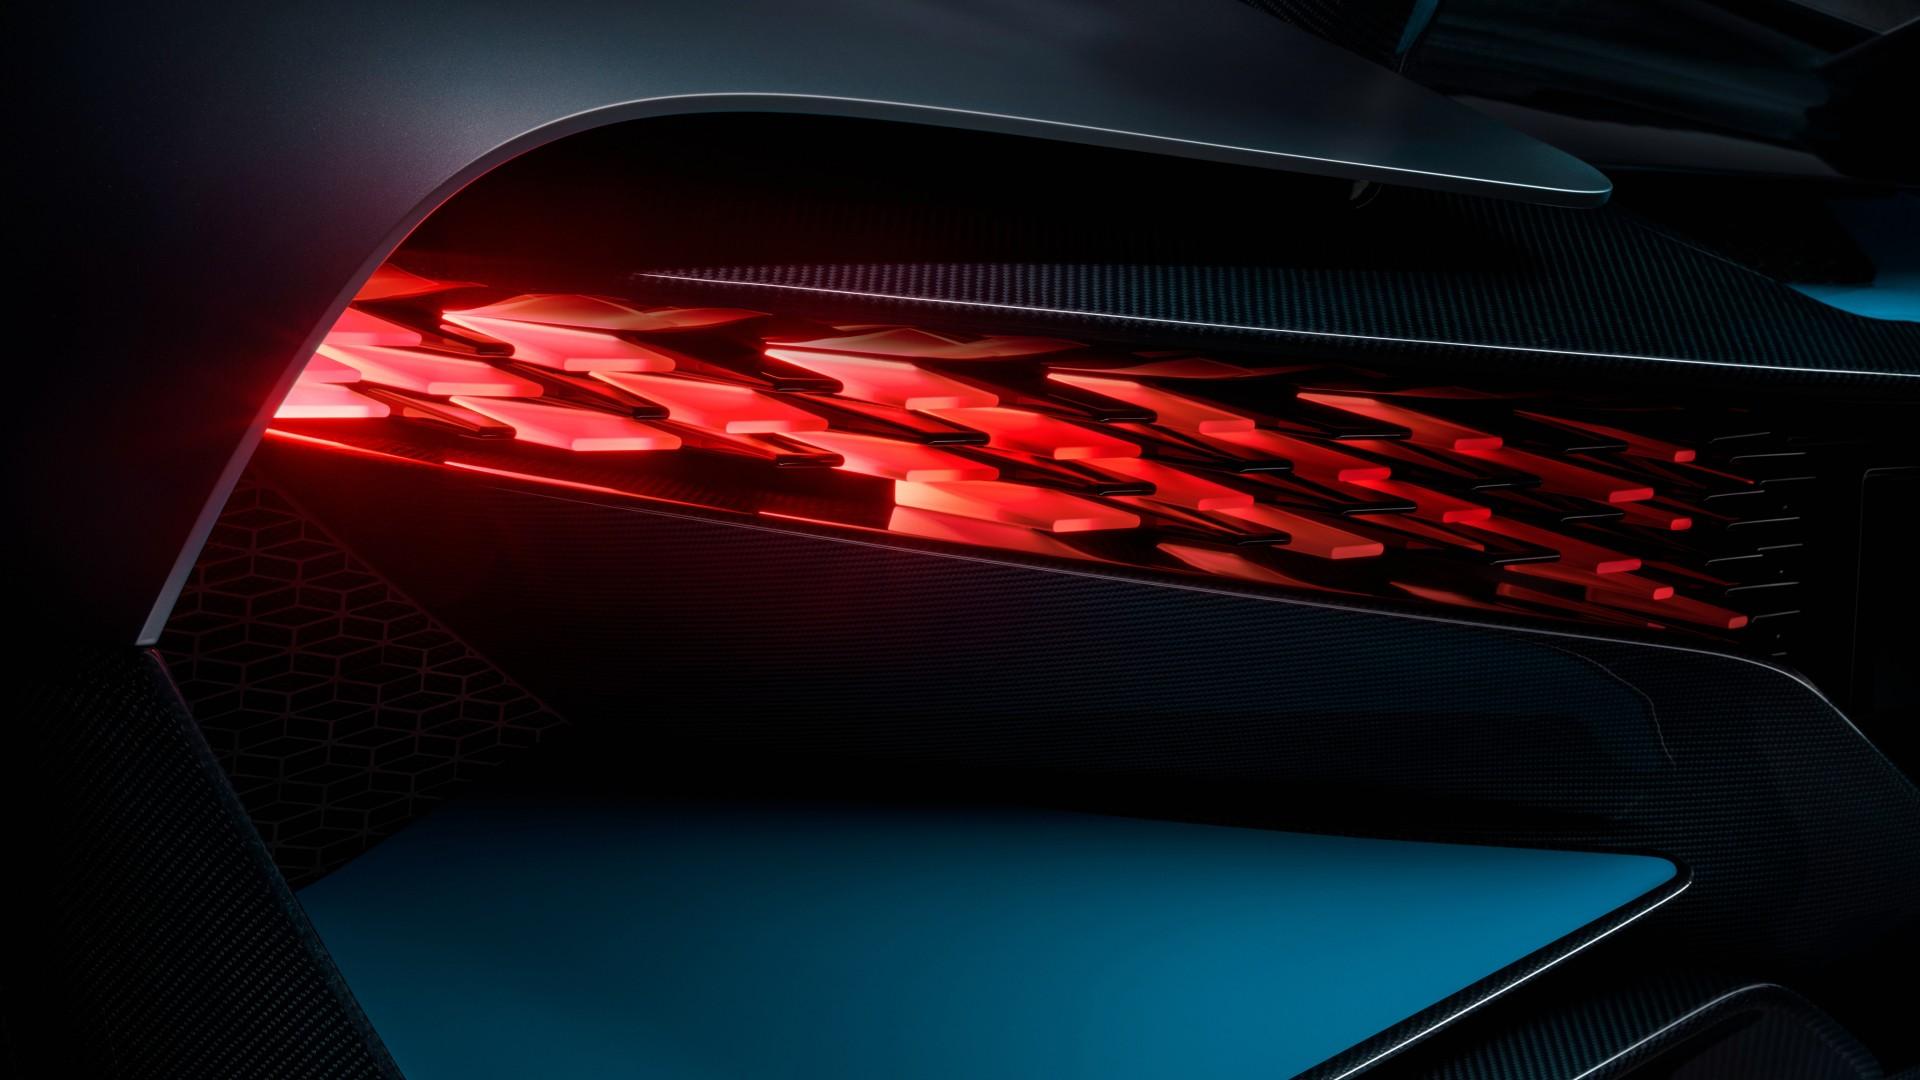 2019 Bugatti Divo Led Tail Lights 4k Wallpaper Hd Car Wallpapers Id 11110